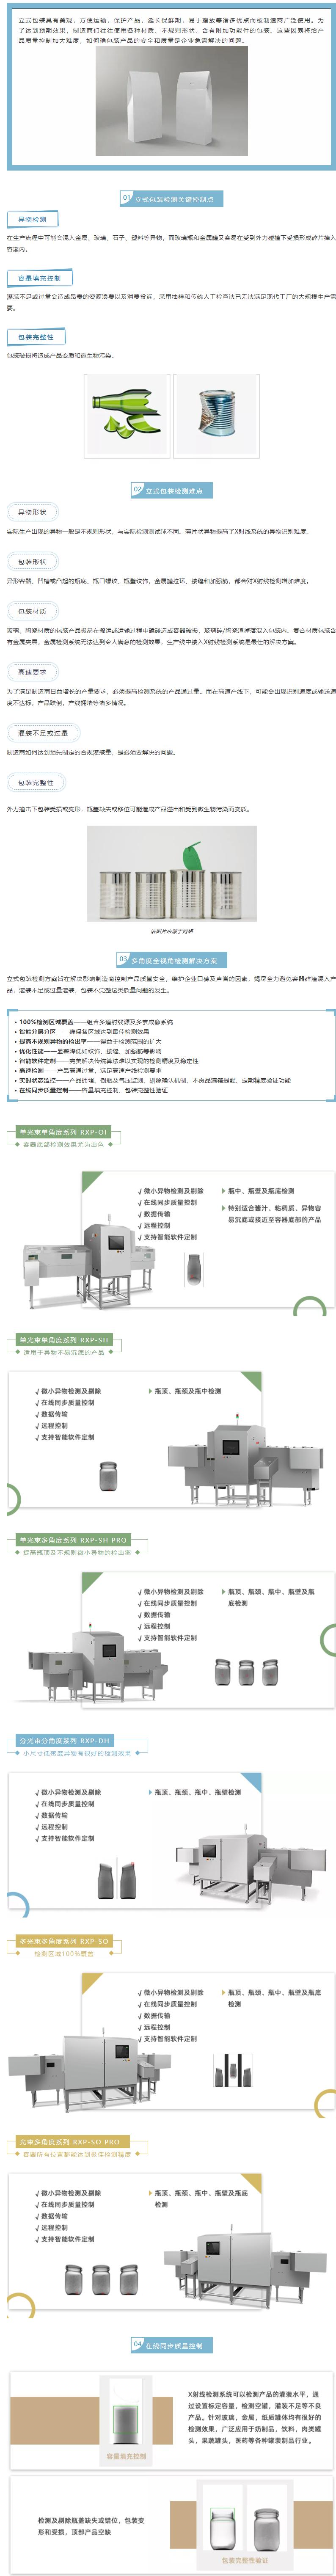 X射线检测系统——立式包装产品检测解决方案